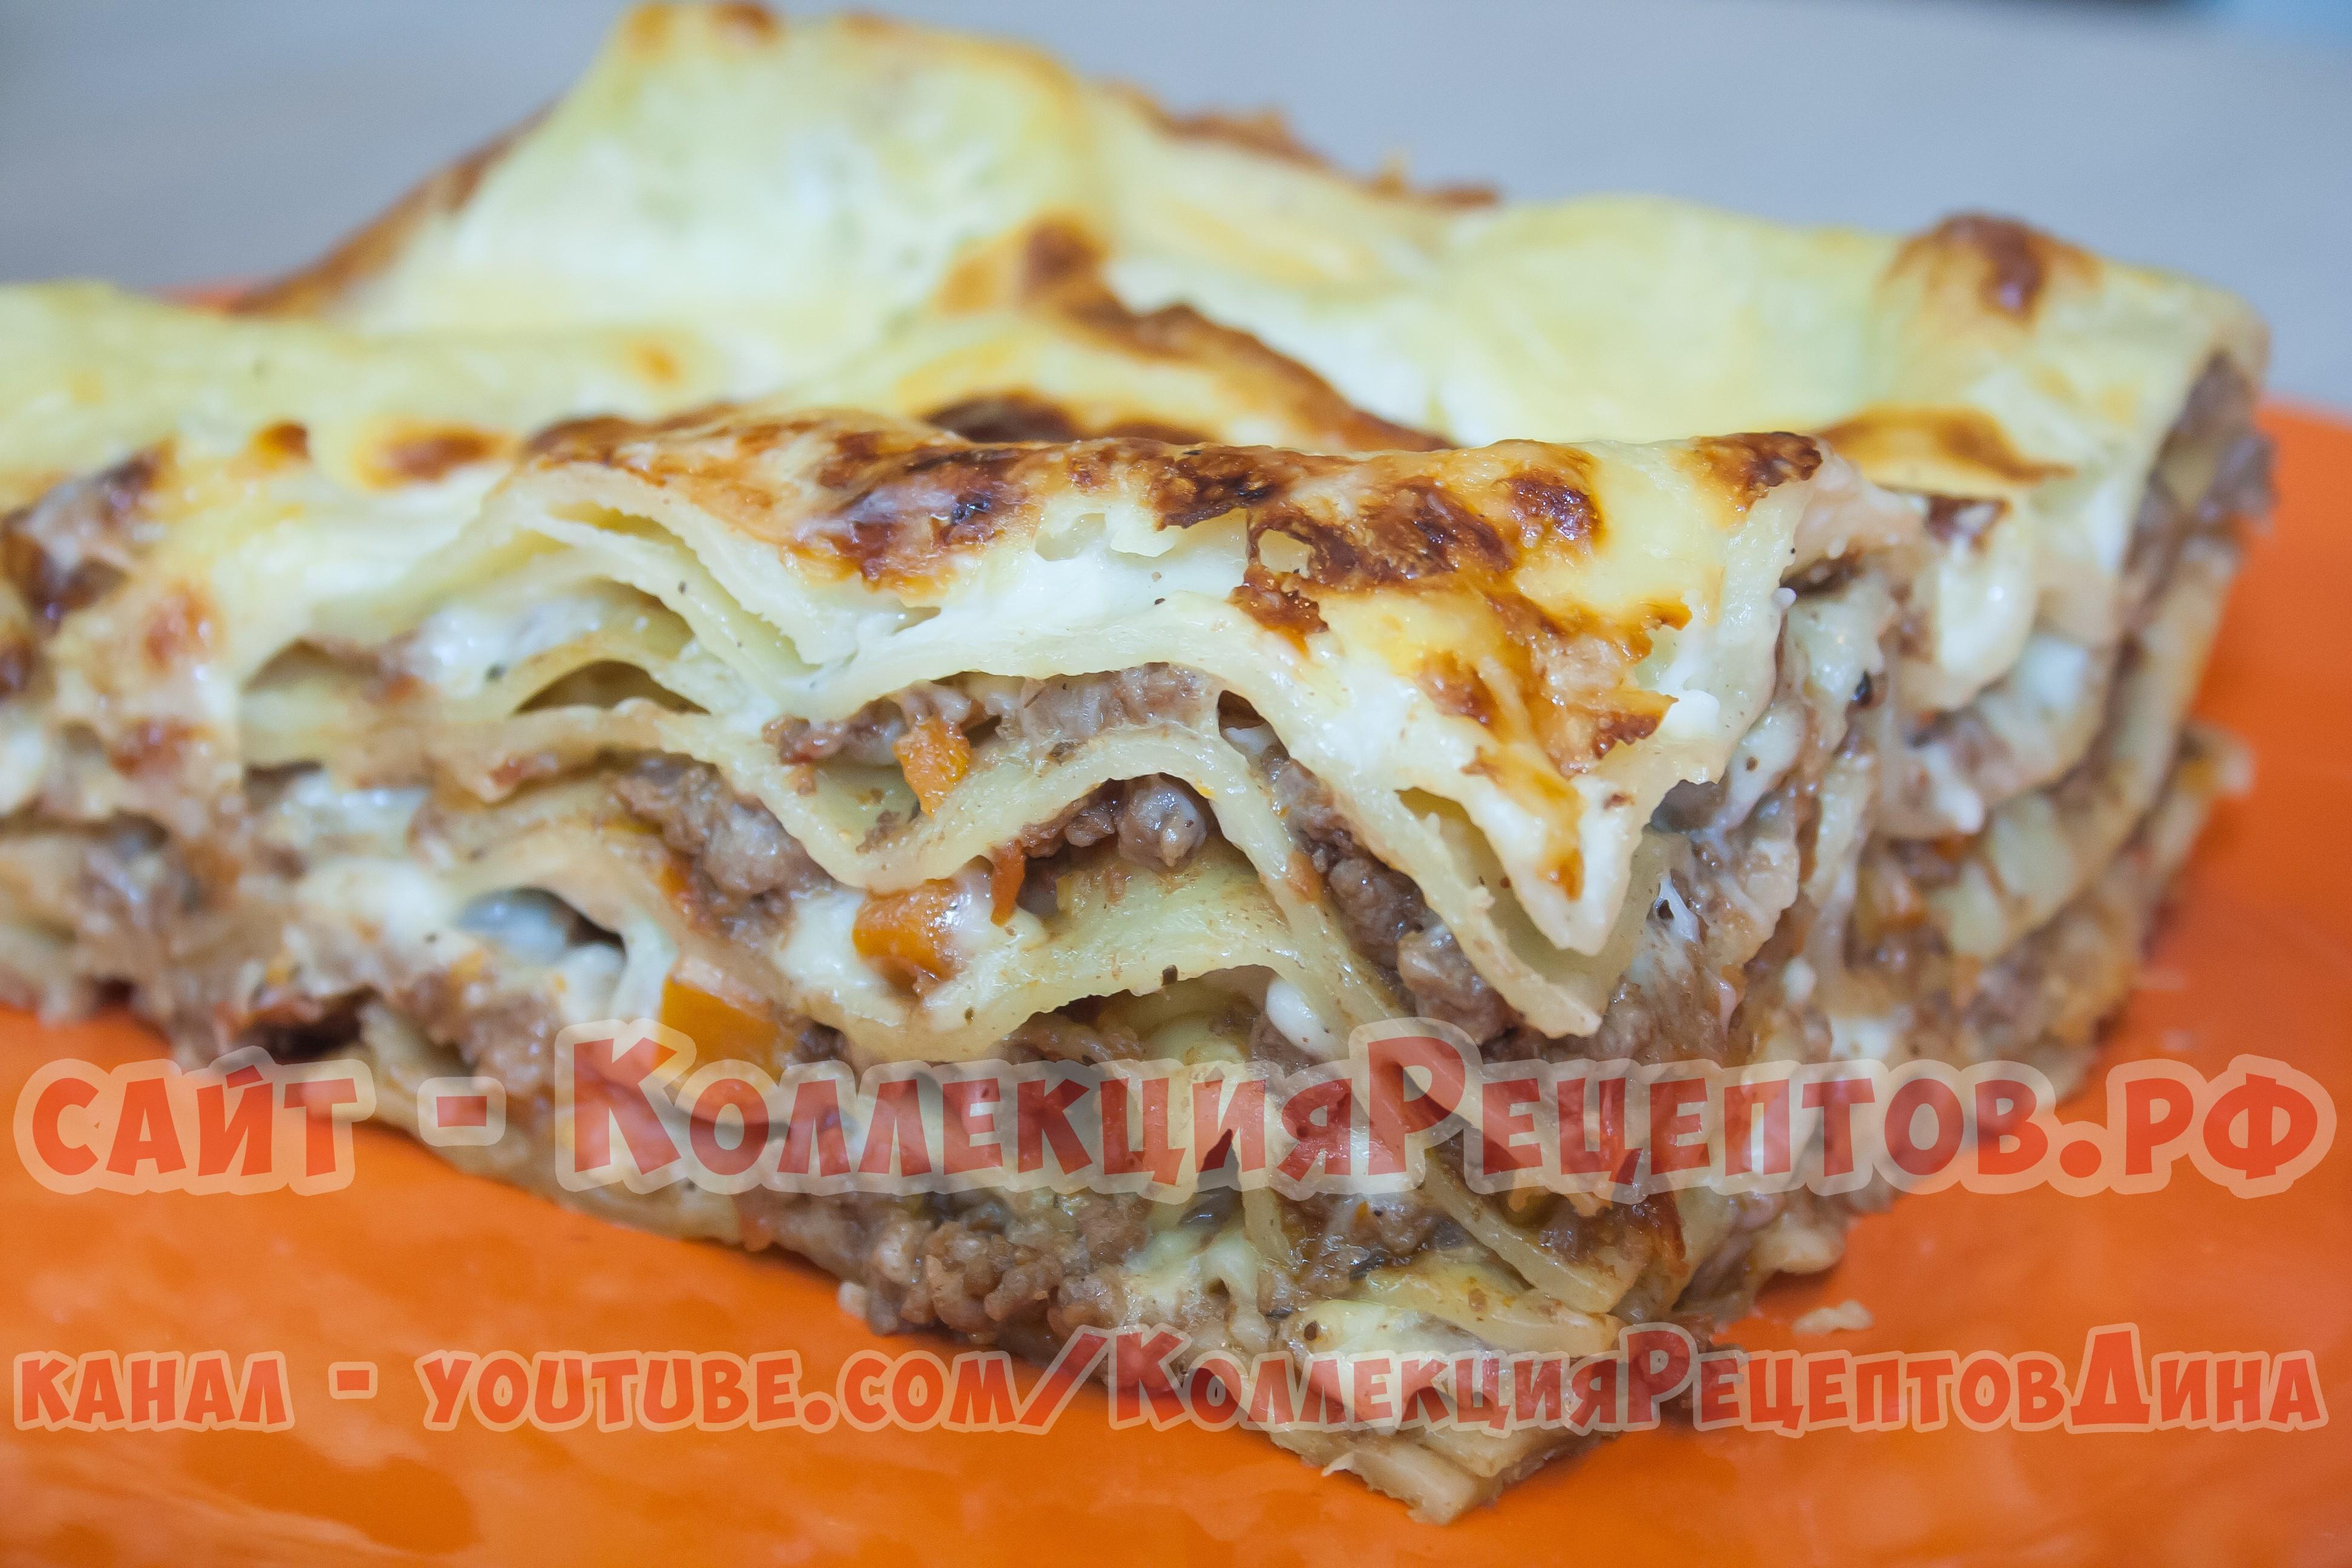 Пошаговый рецепт лазаньи с фаршем в домашних условиях с фото 60